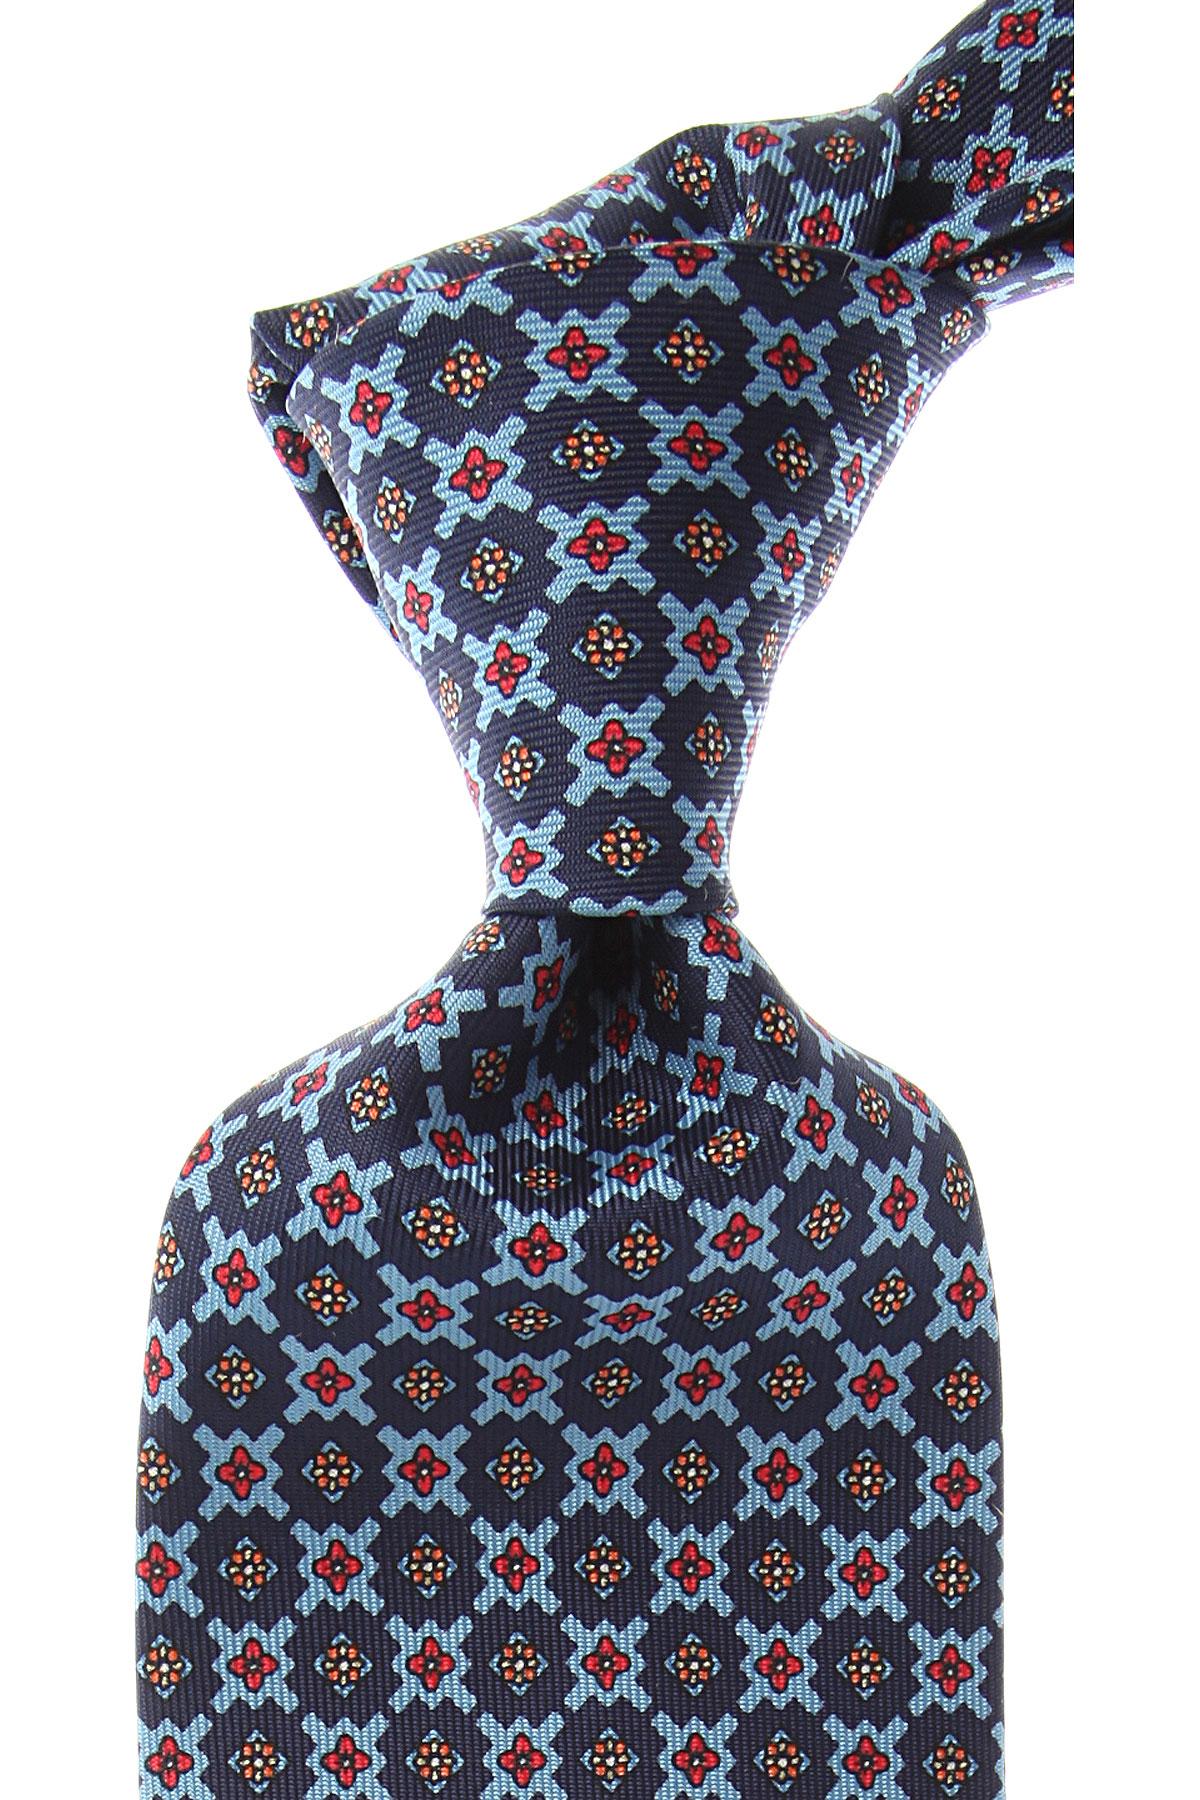 Marinella Cravates Pas cher en Soldes, Bleu nuit, Soie, 2017